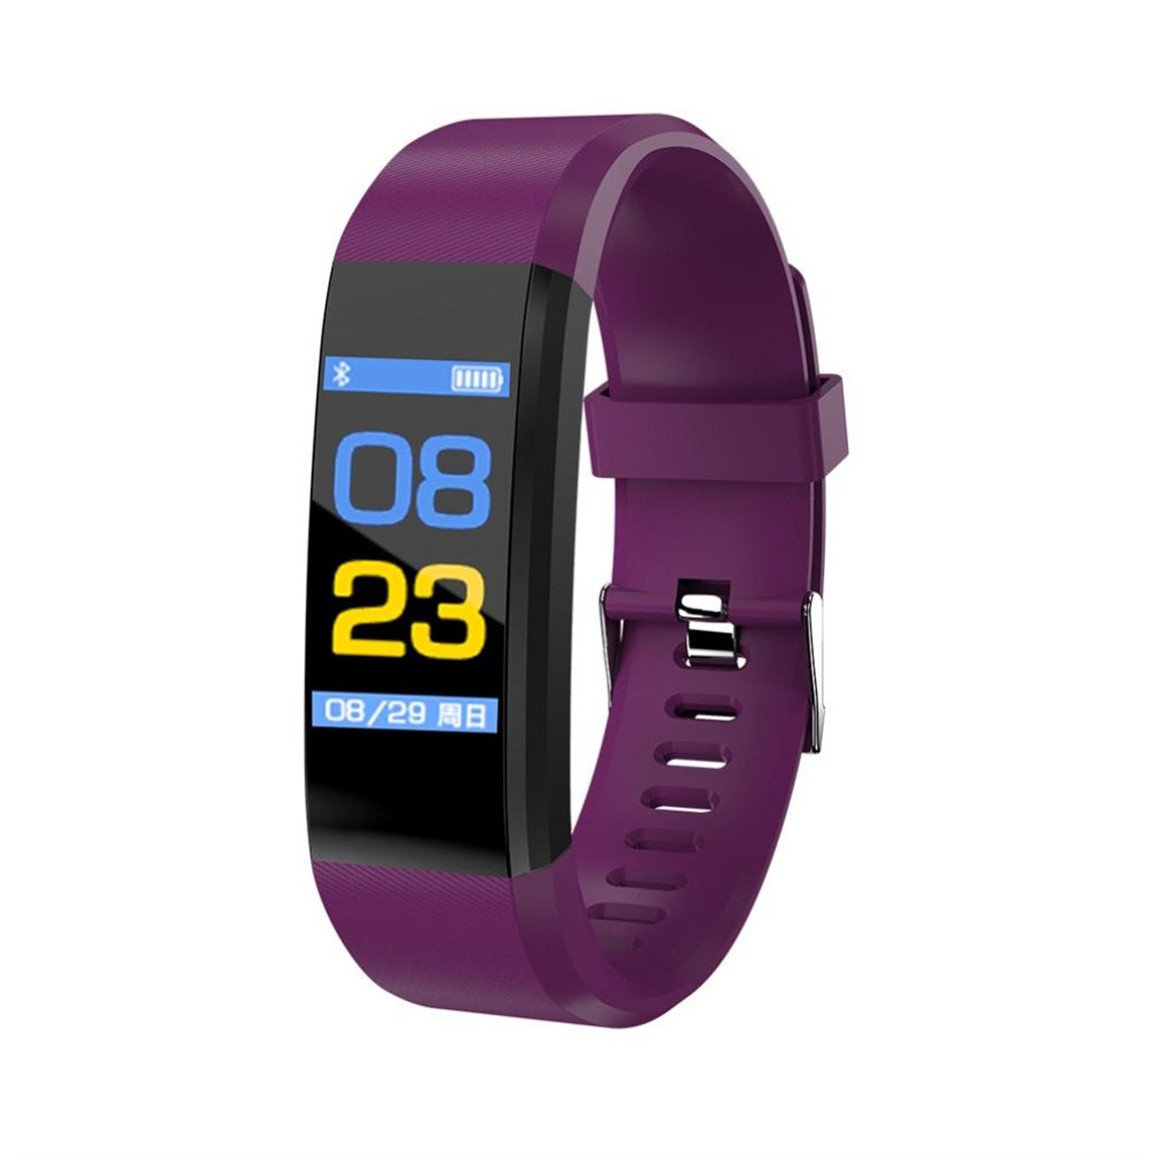 Bellelove Femmes Hommes Intelligent Électronique Poignet Gadgets Smart montre Bande Sommeil Sport Fitness Podomètre Bracelet Montre avec Coloré UI (Violet): ...